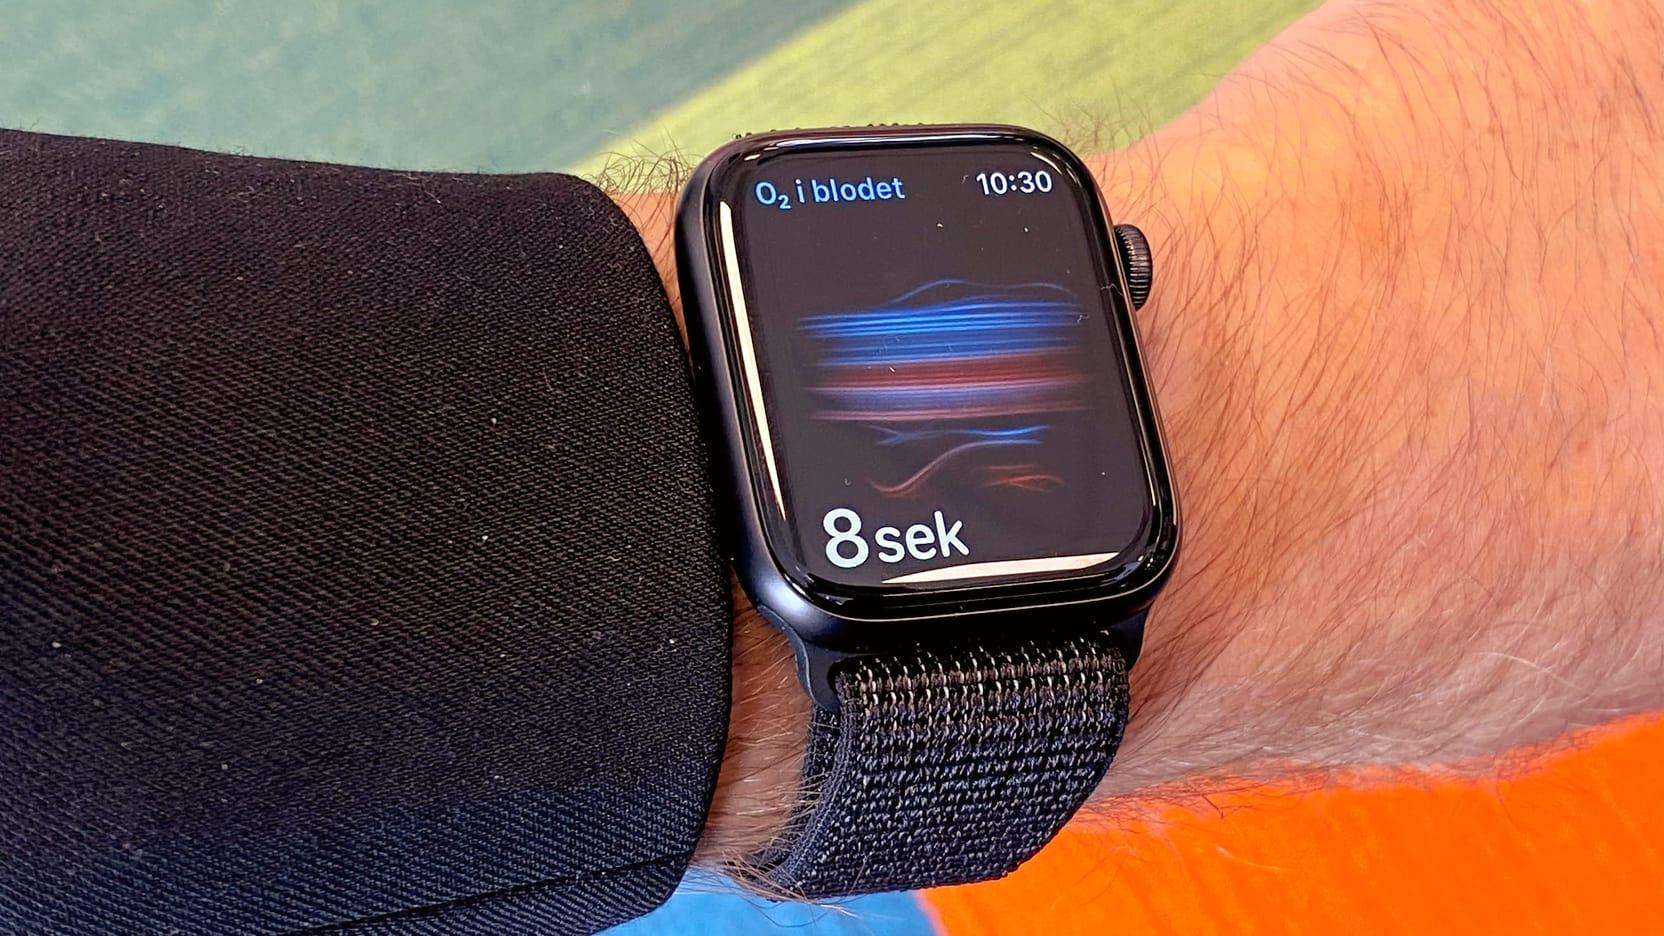 Syremätning I blodet hos Apple Watch 6